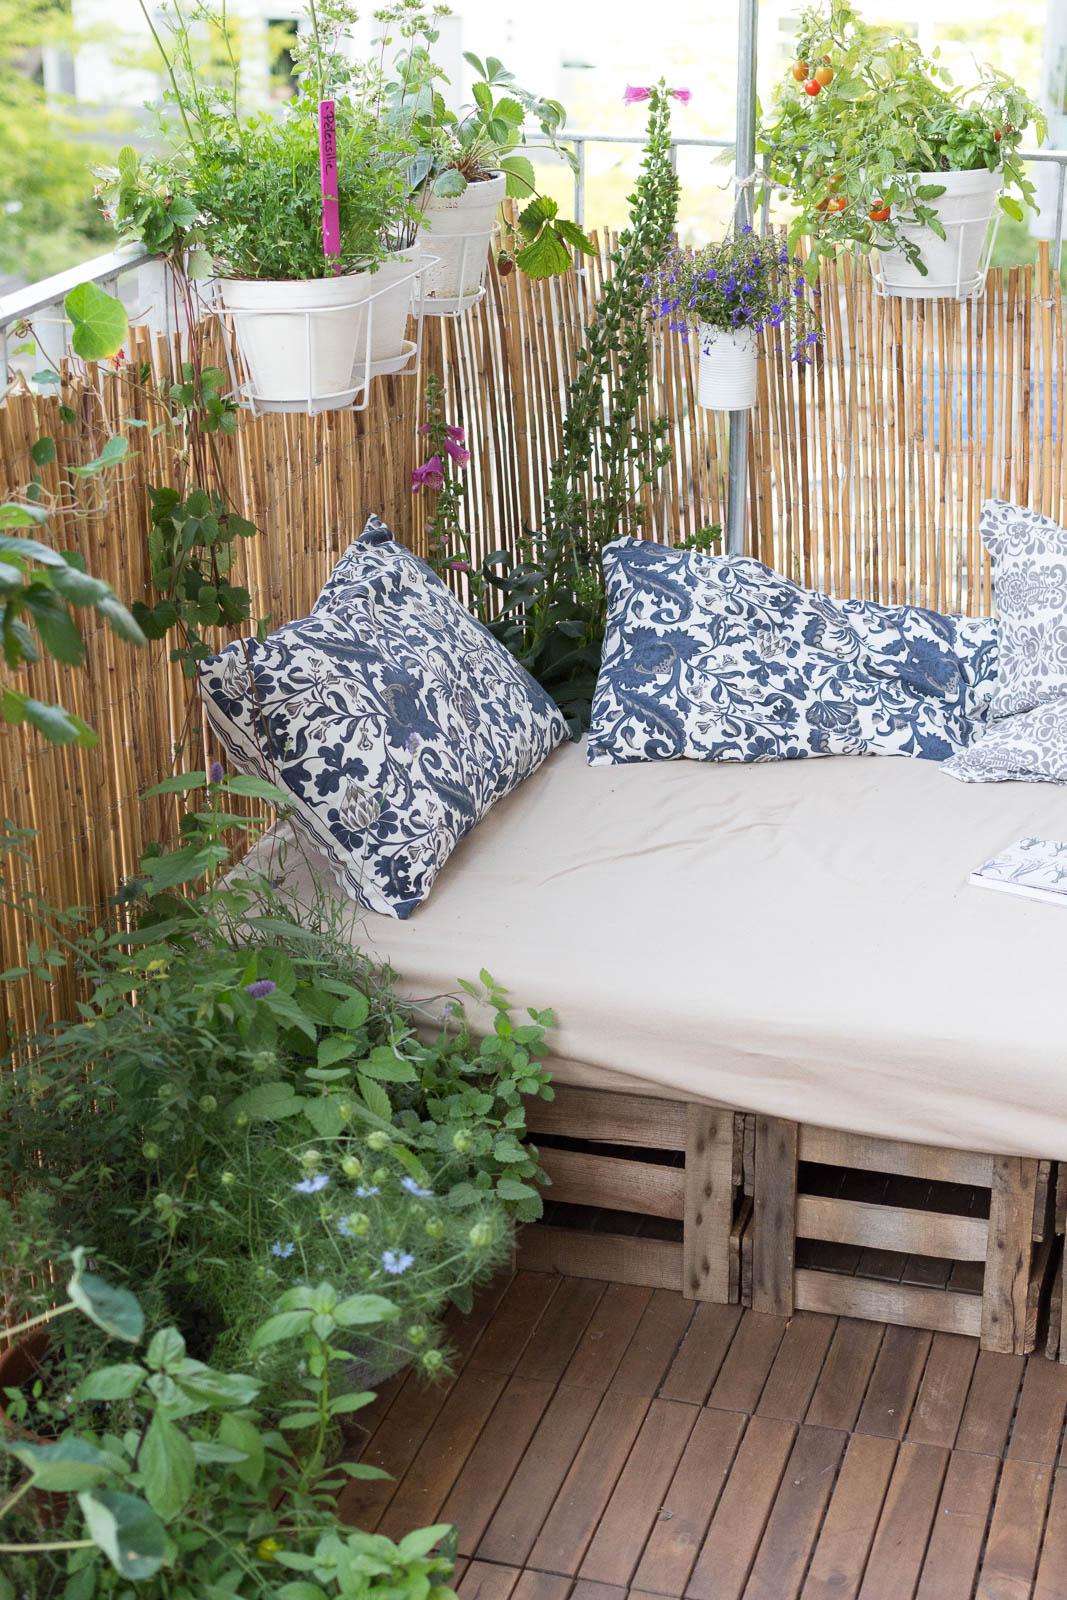 balkonideen zum selber machen jetzt auf garten fr. Black Bedroom Furniture Sets. Home Design Ideas